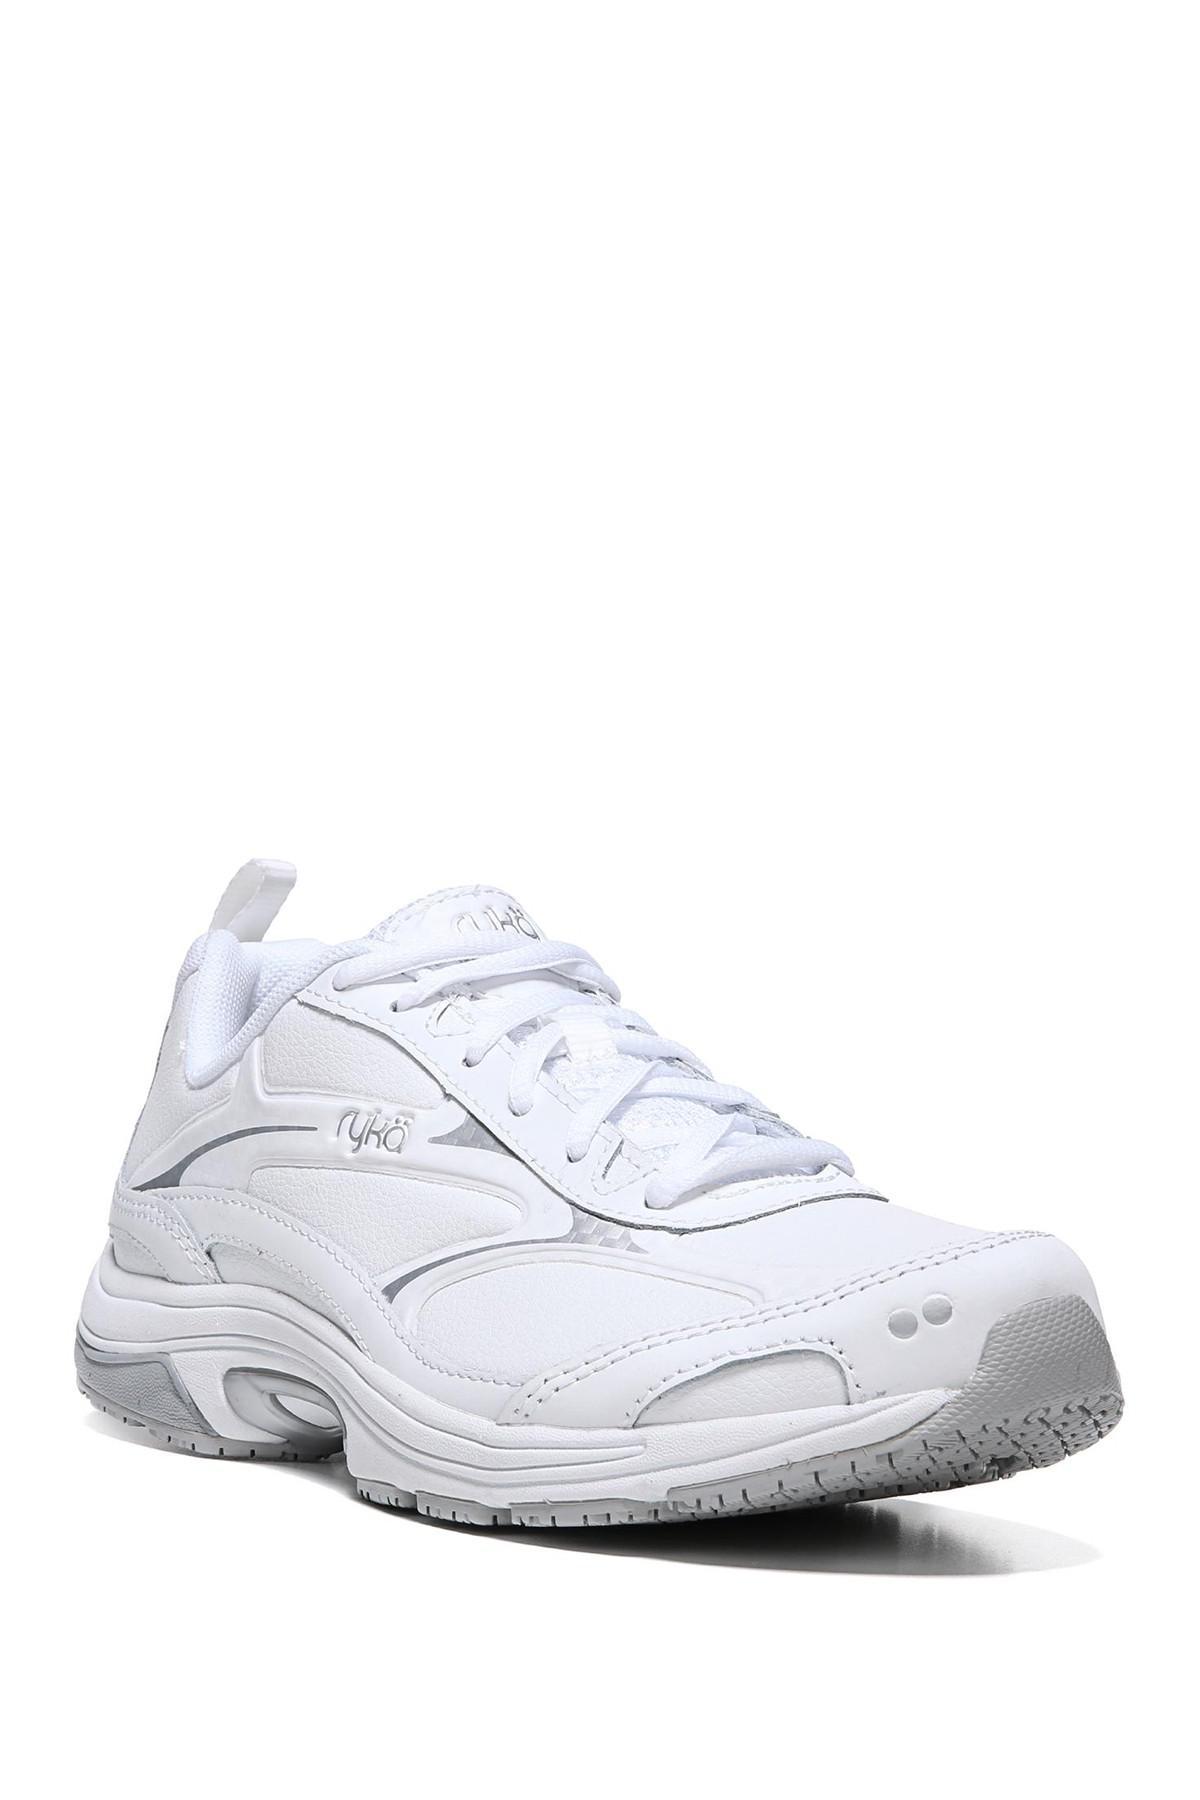 Ryka Intent XT 2 Sneaker 9YwUUYoc